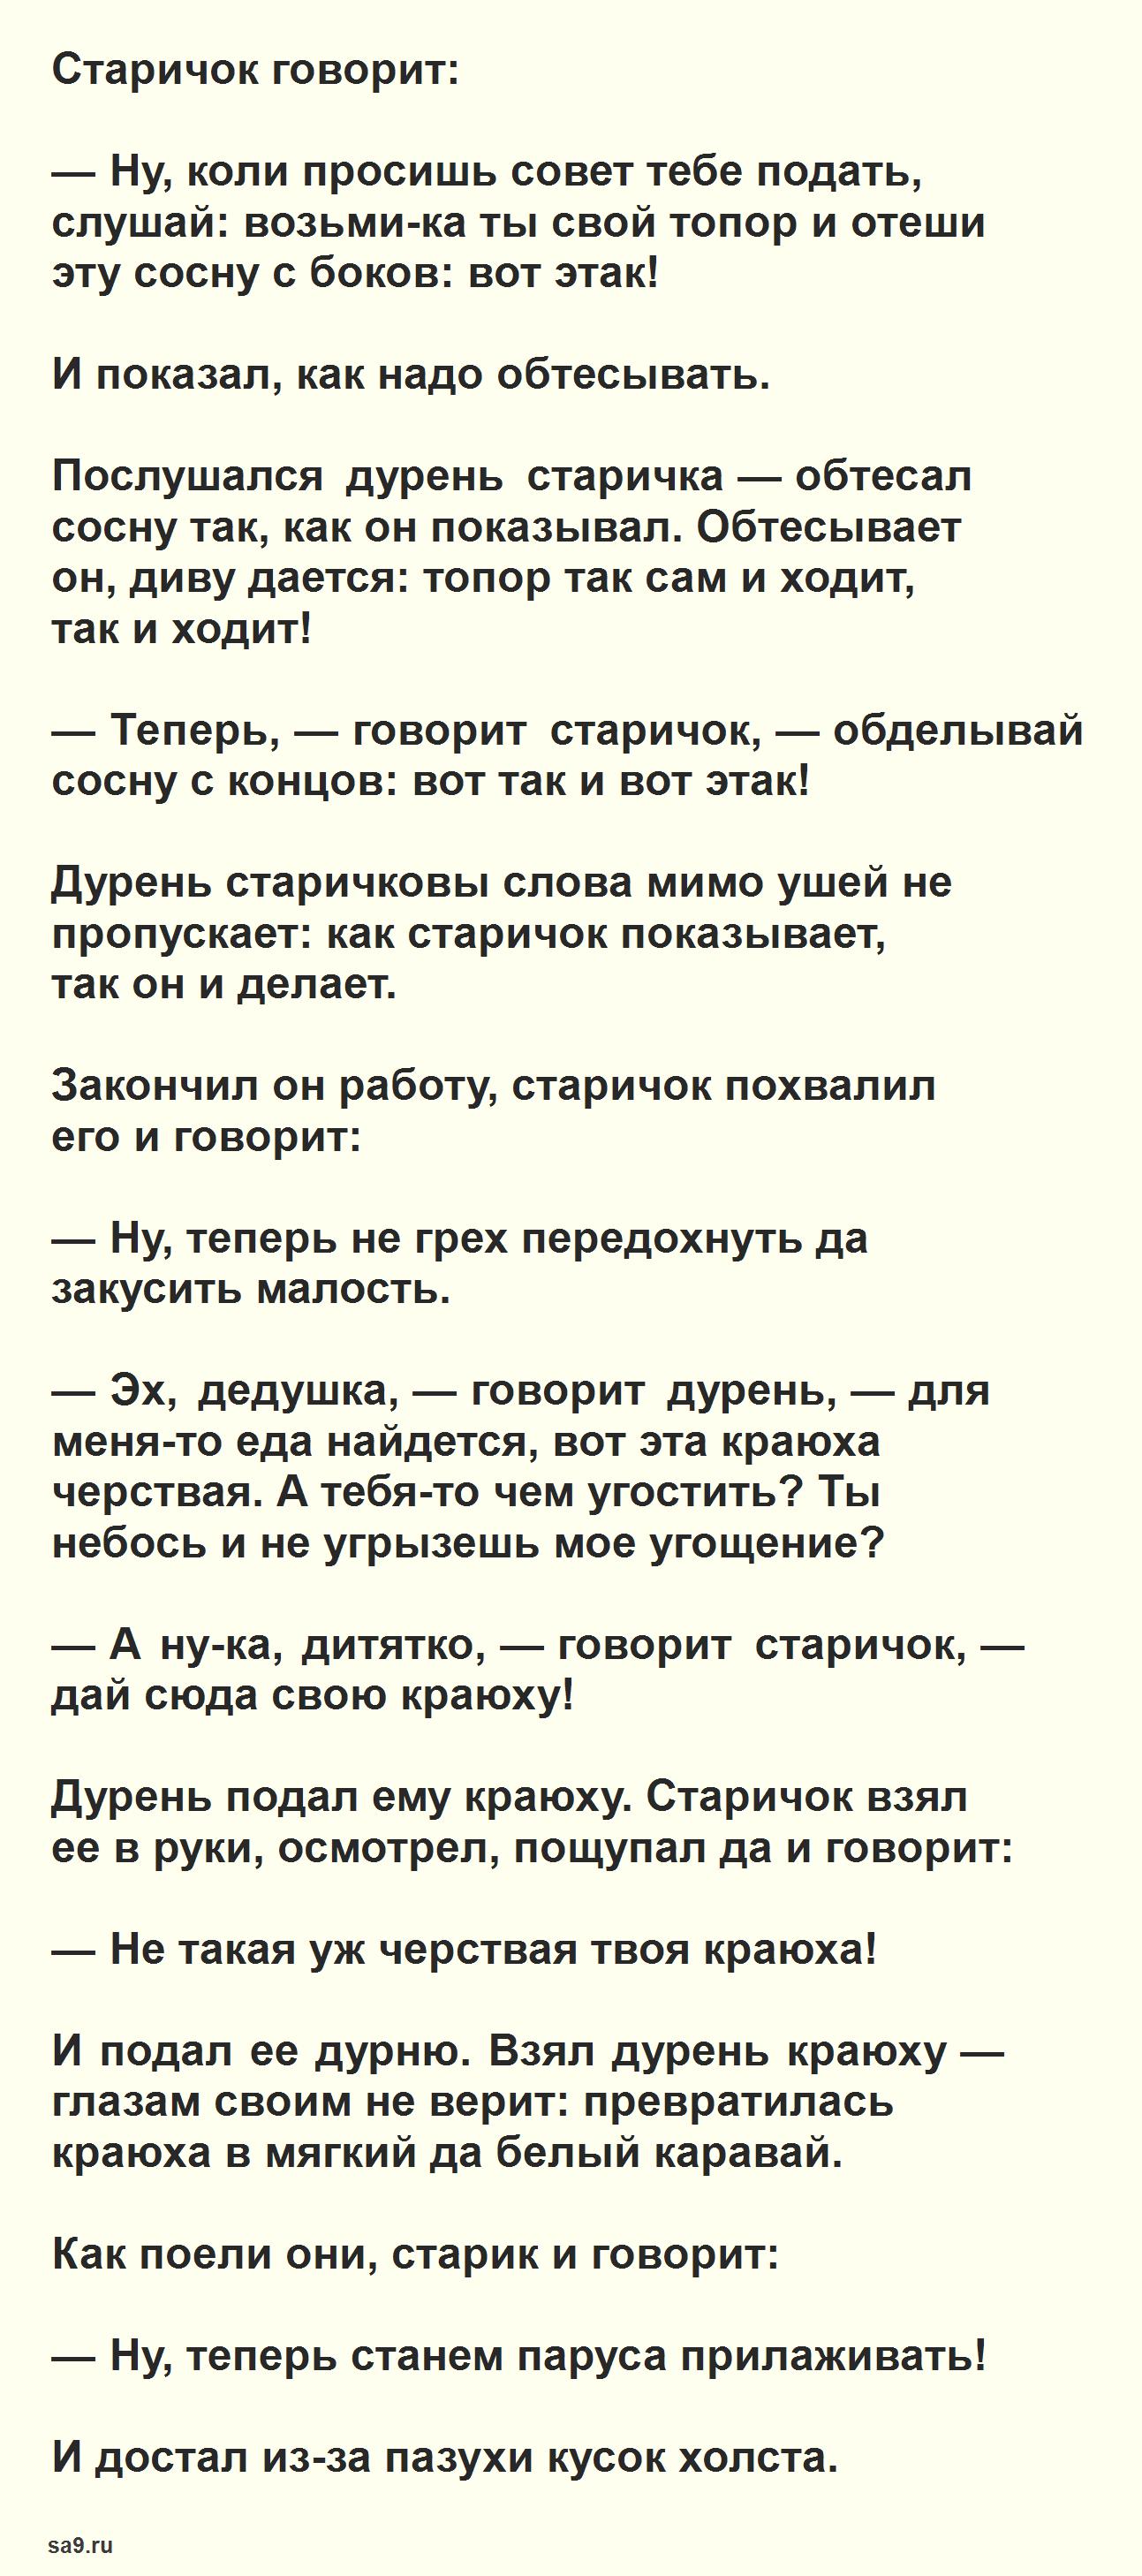 Русская народная сказка - Летучий корабль, читать онлайн бесплатно